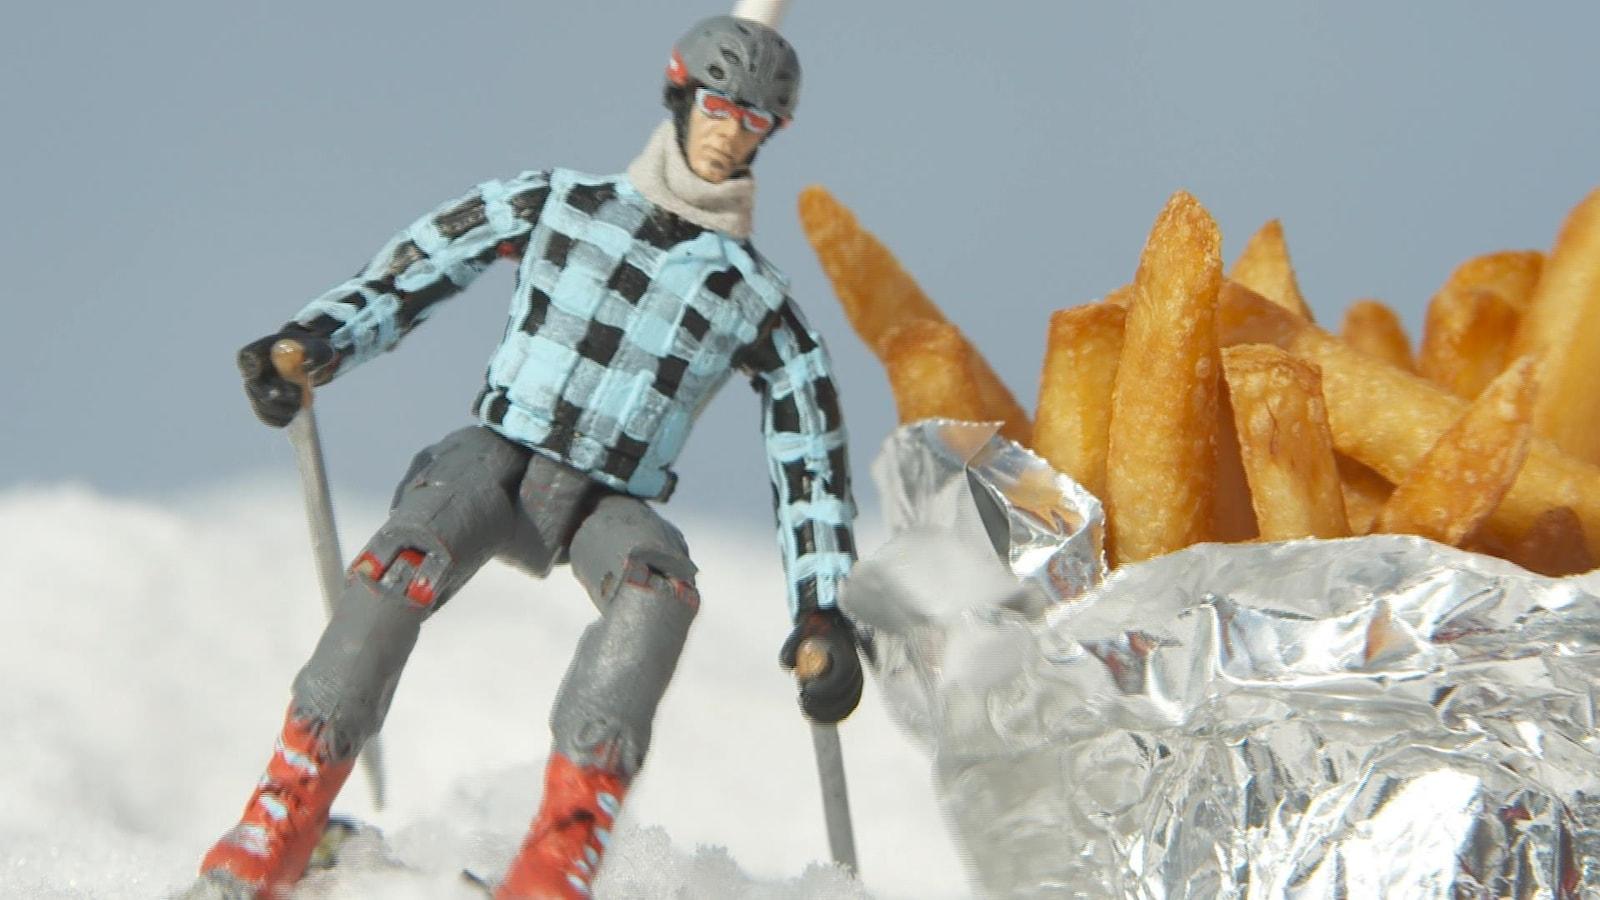 Un personnage en plastique ski près d'un sac de frites